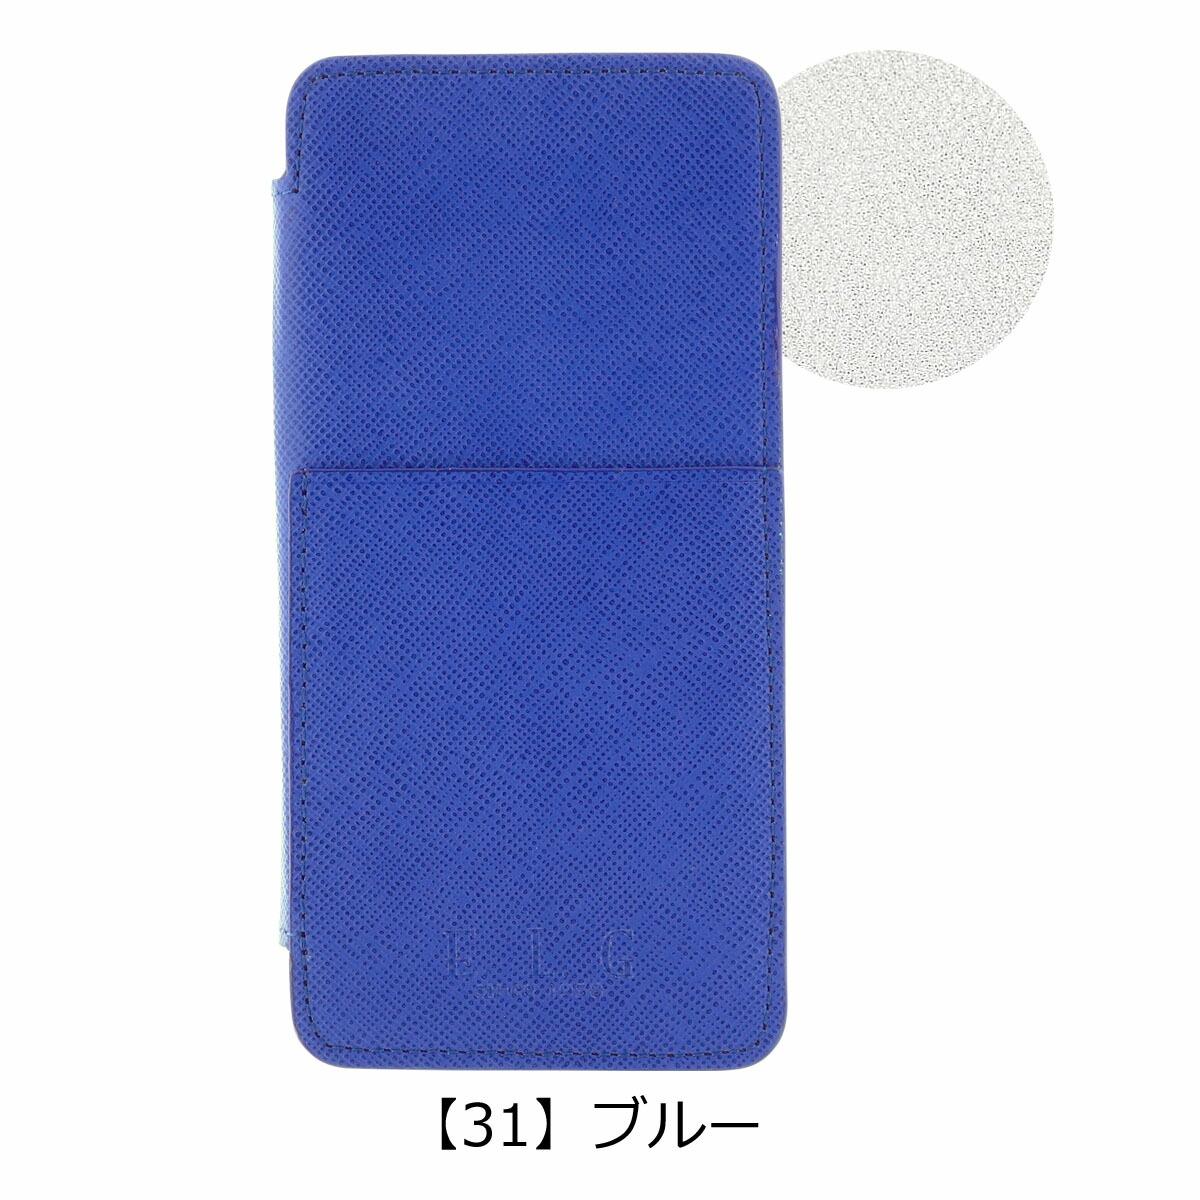 【31】ブルー